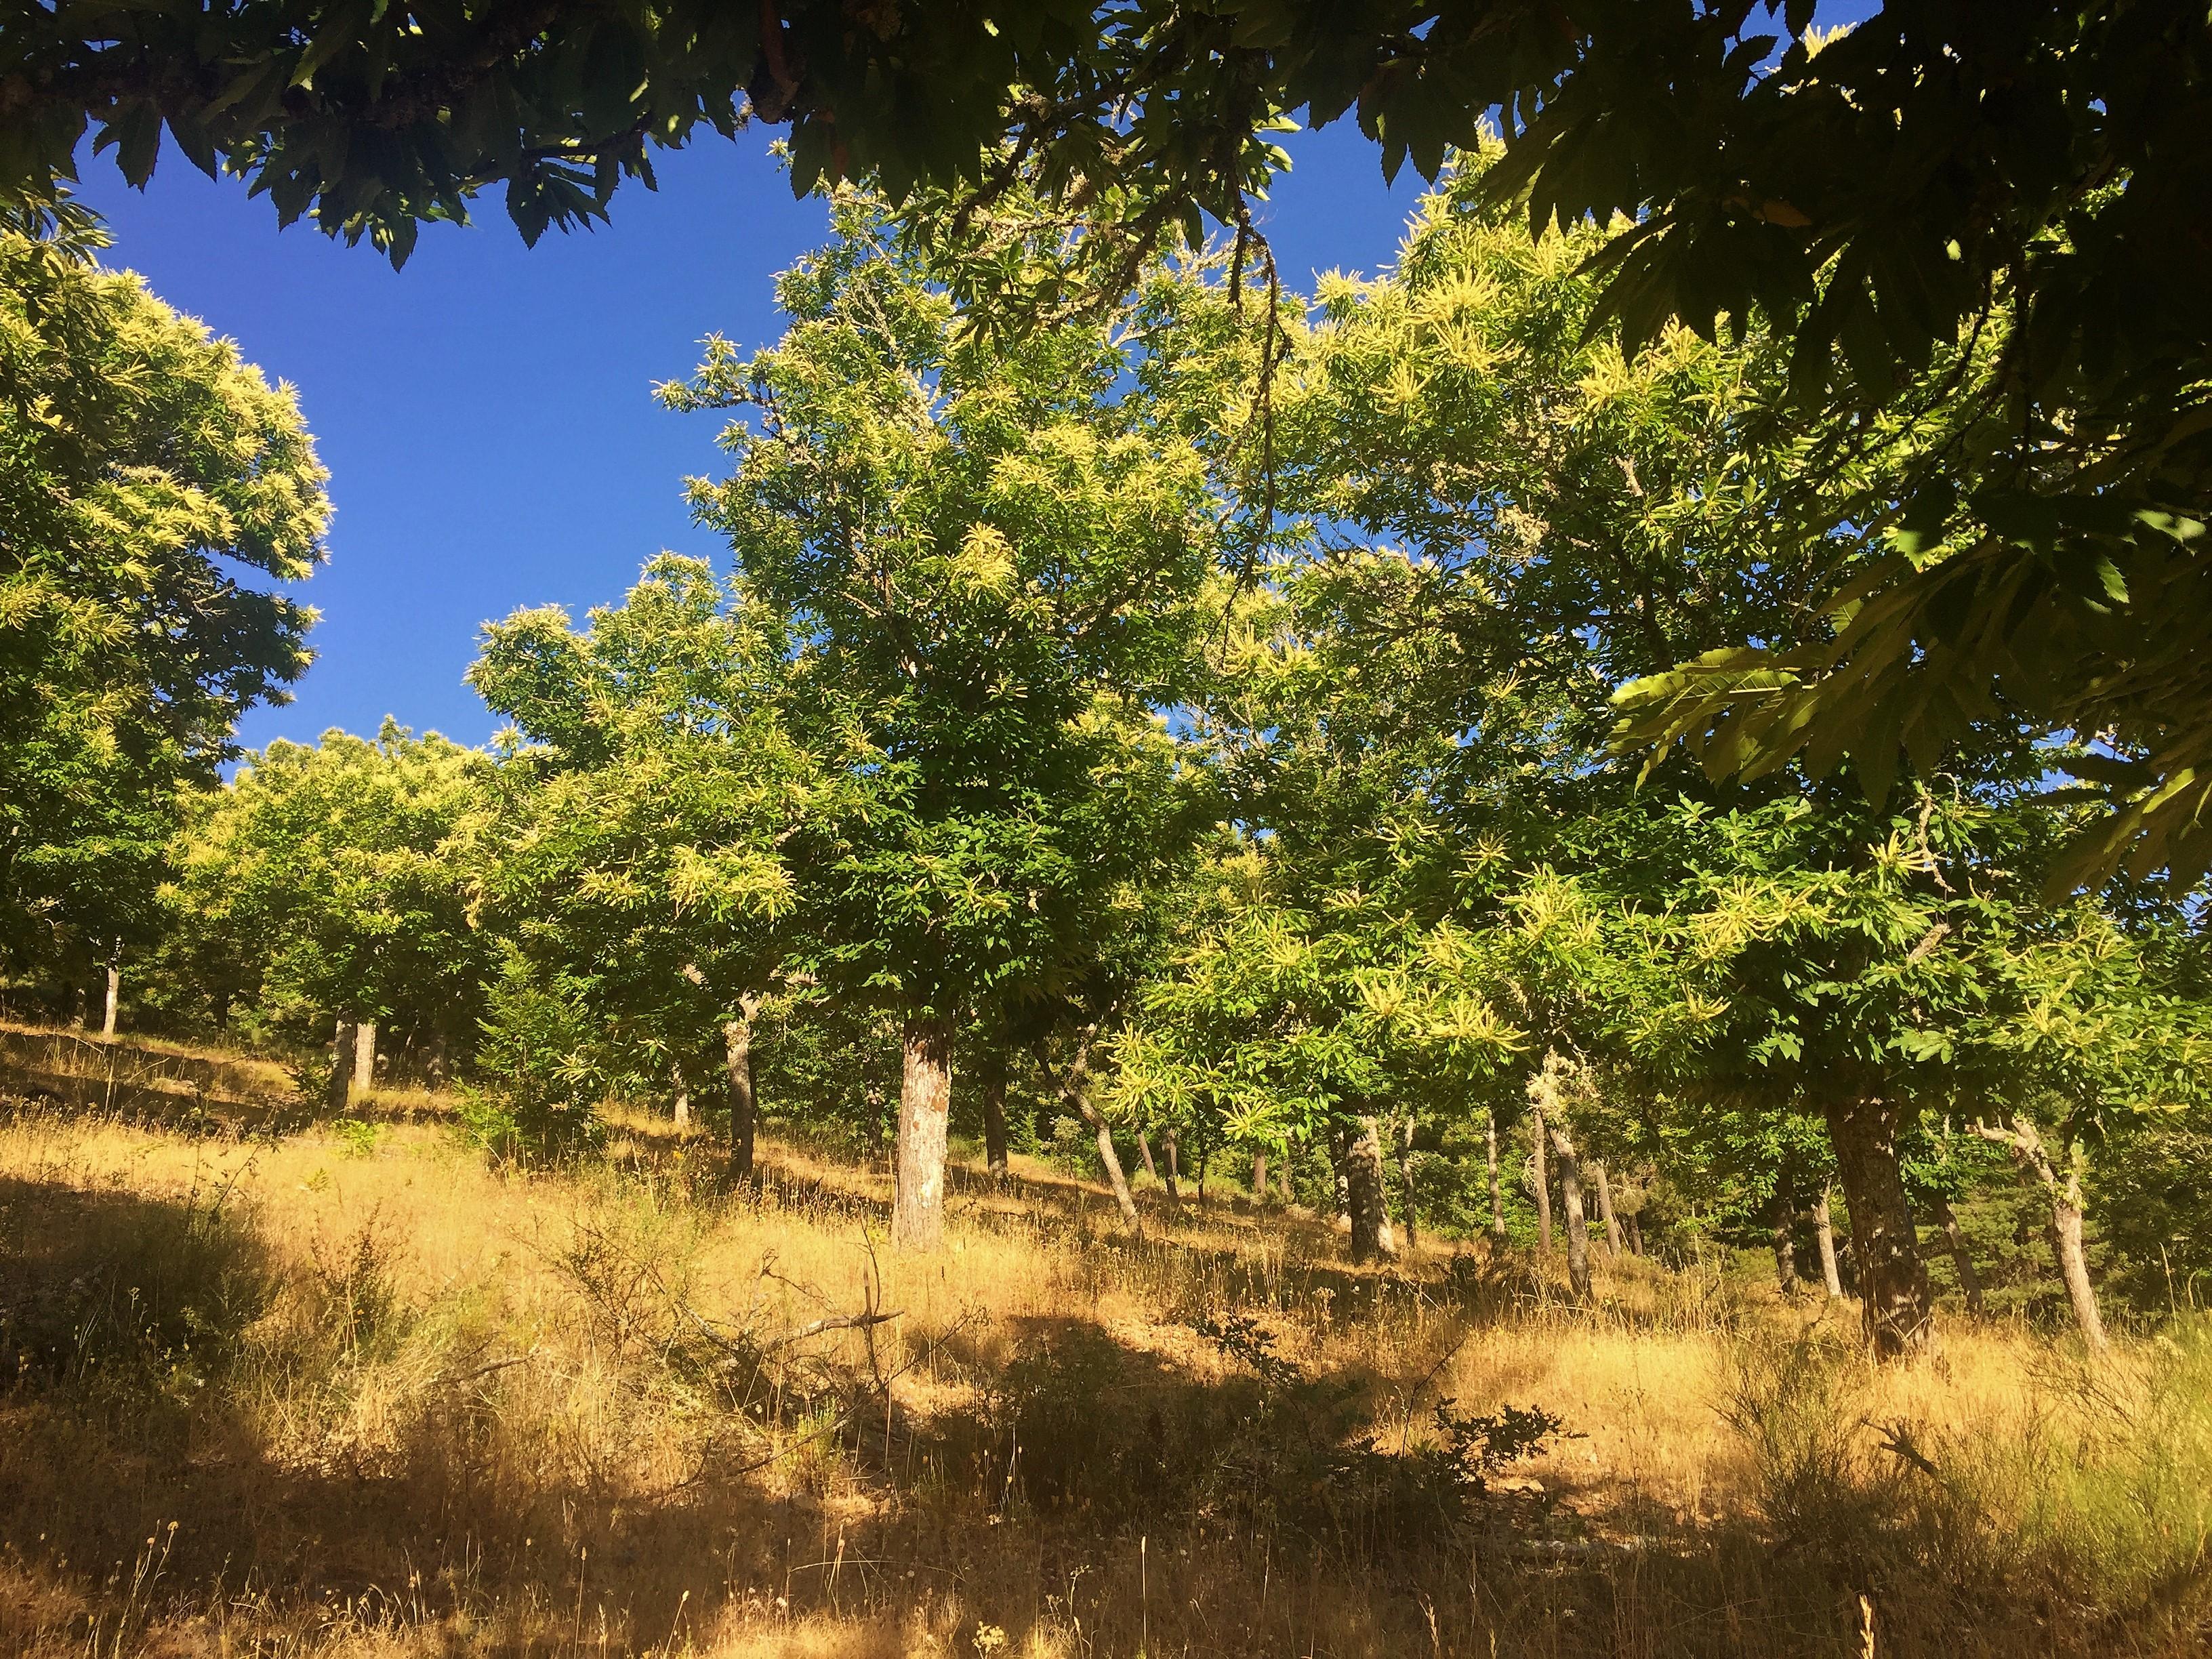 zona de castaños en Gallegos del Campo